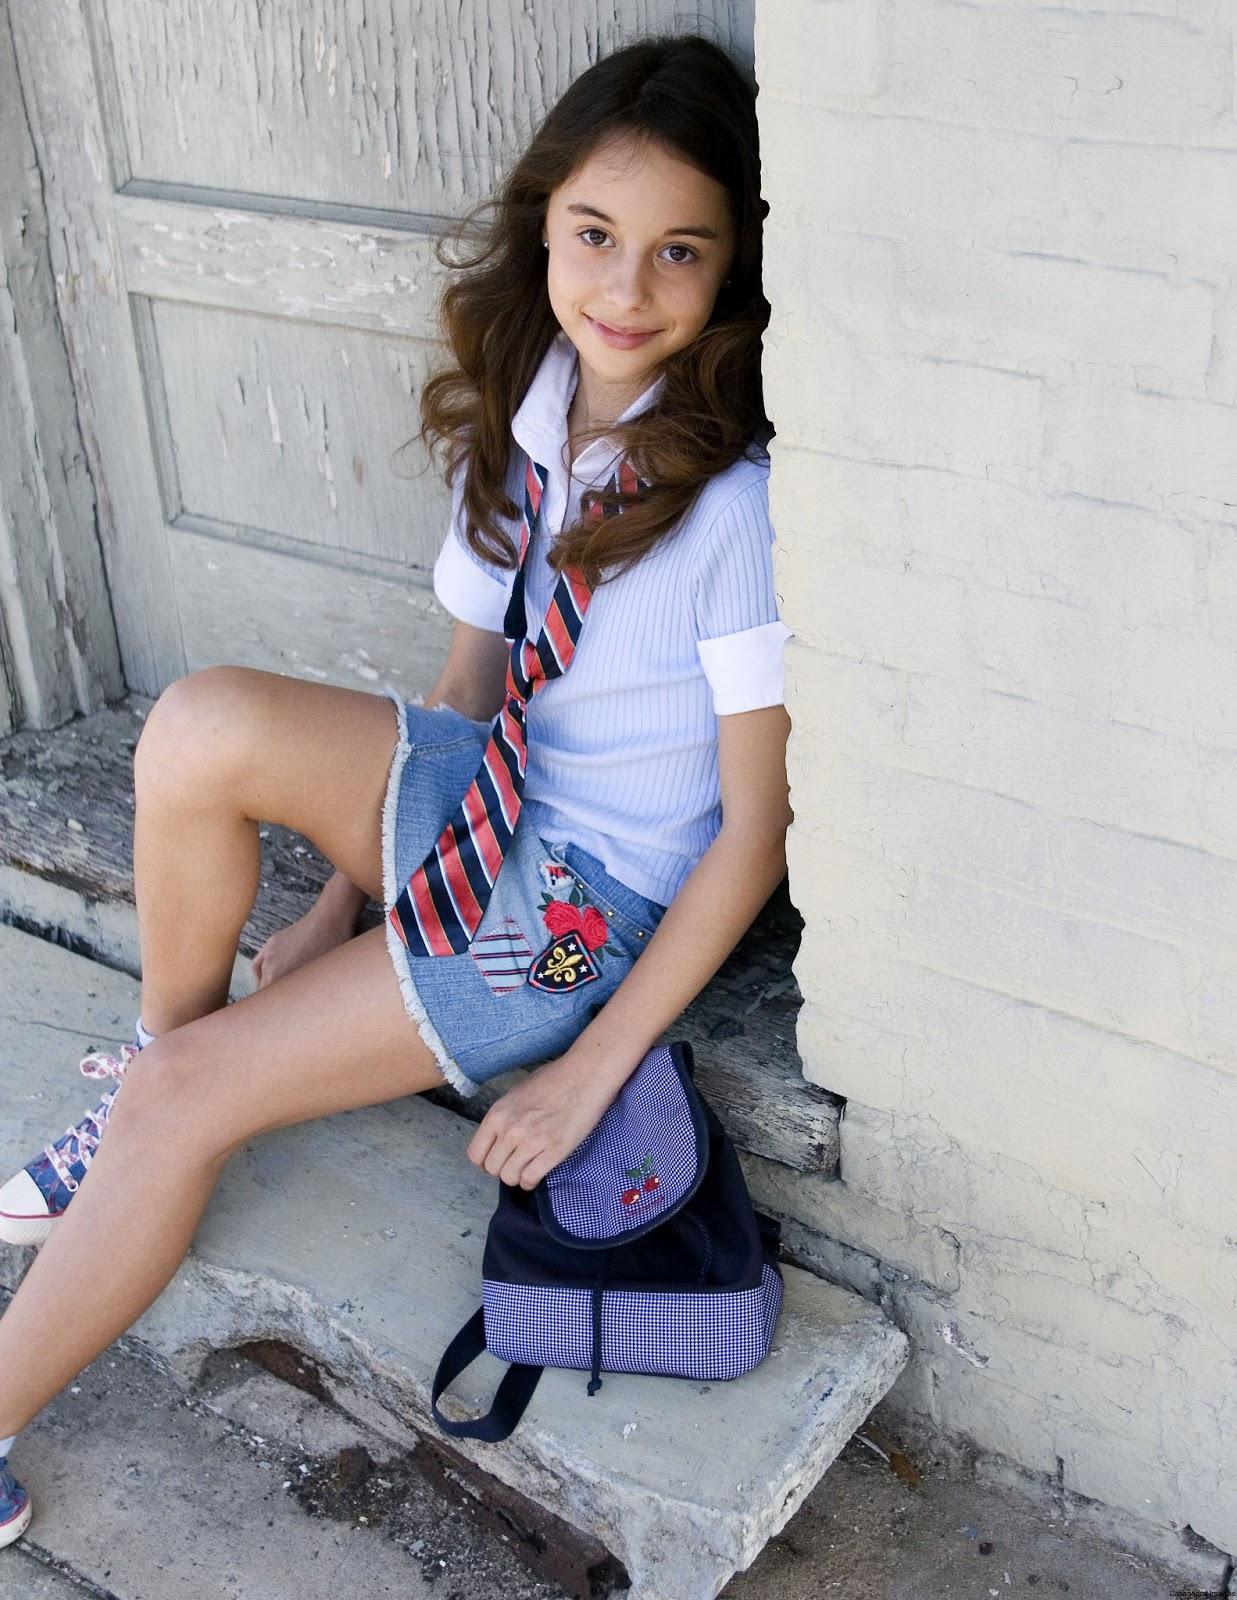 Teens In Short Skirt 16